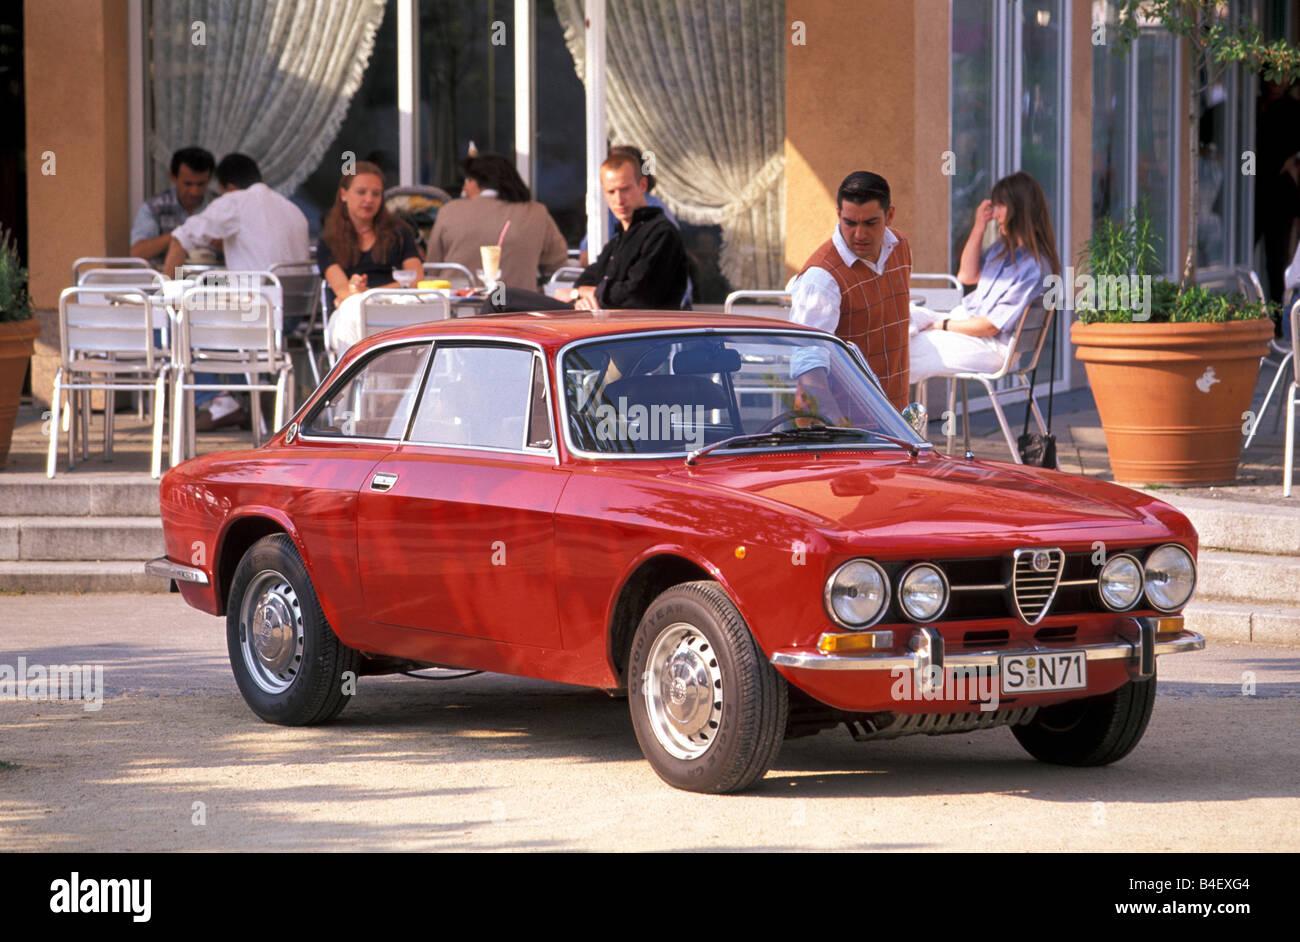 Vintage Alfa Romeo >> Car Alfa Romeo Gt Veloce 1750 Bertone Vintage Car Model